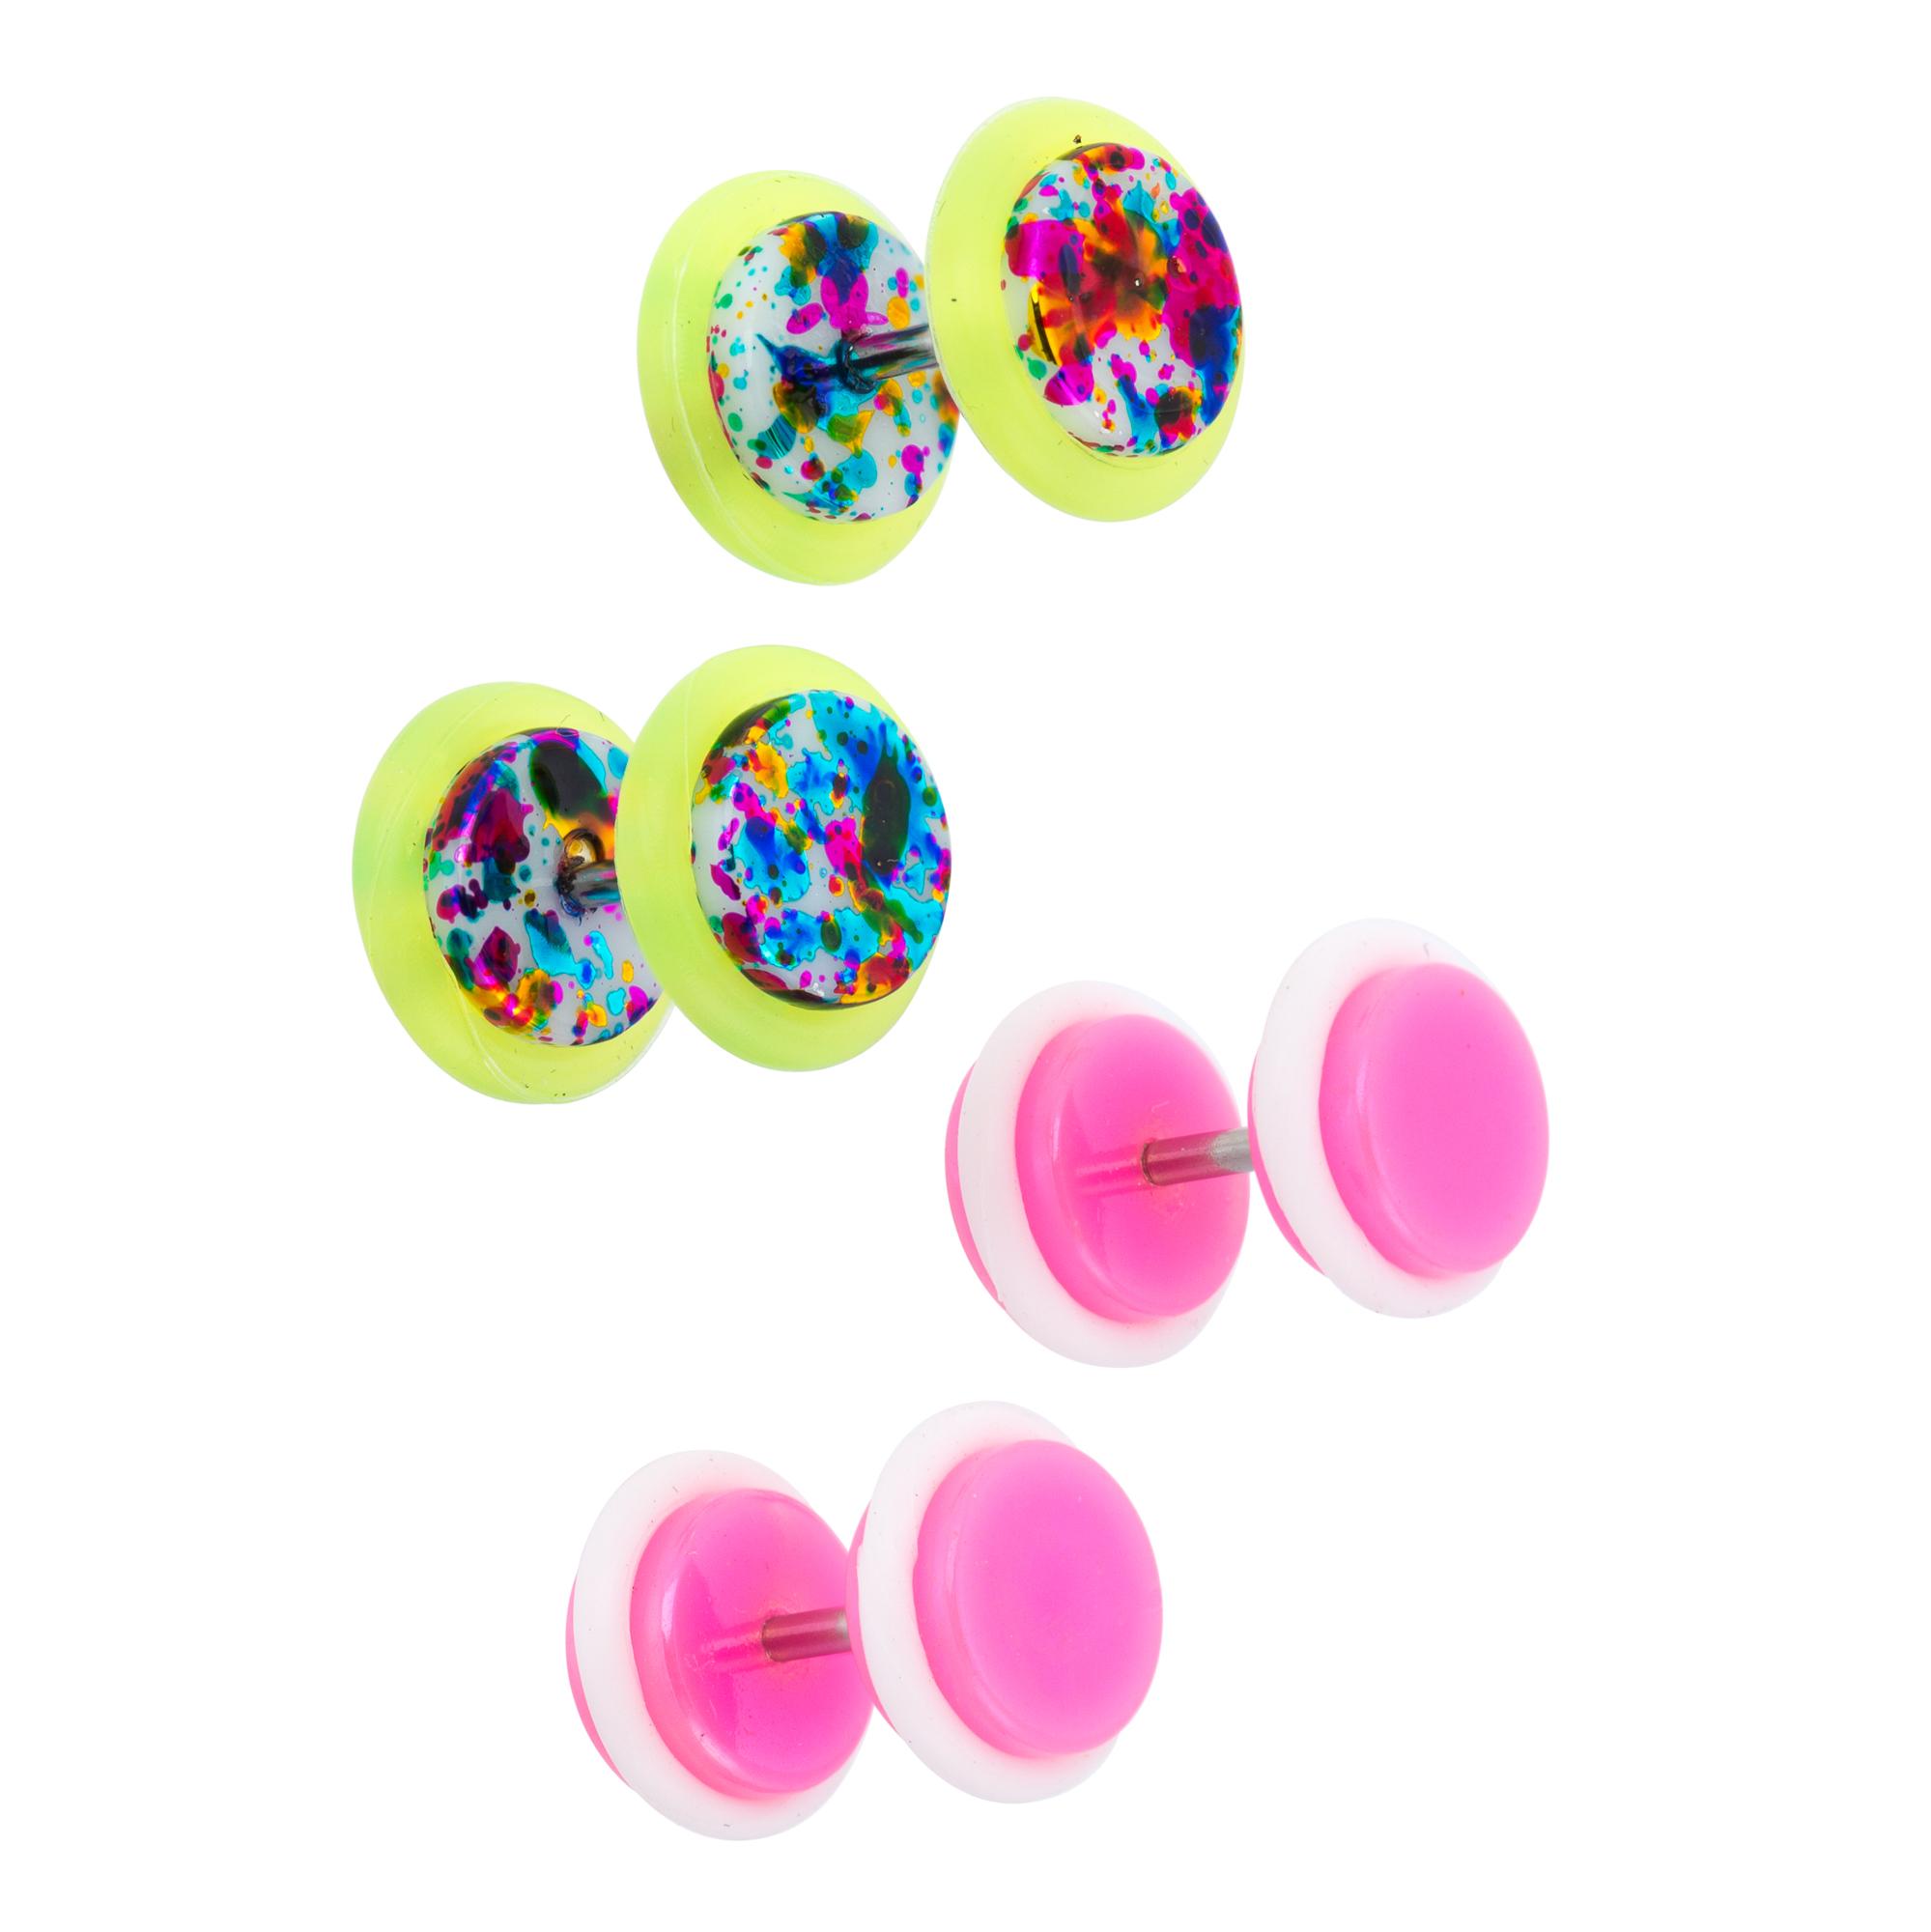 Bodi-Rox Pink Metallic Mix Color 2 Pair Fake Plug Set PartNumber: 026V008435008003P KsnValue: 026V008435008003 MfgPartNumber: 17916FP